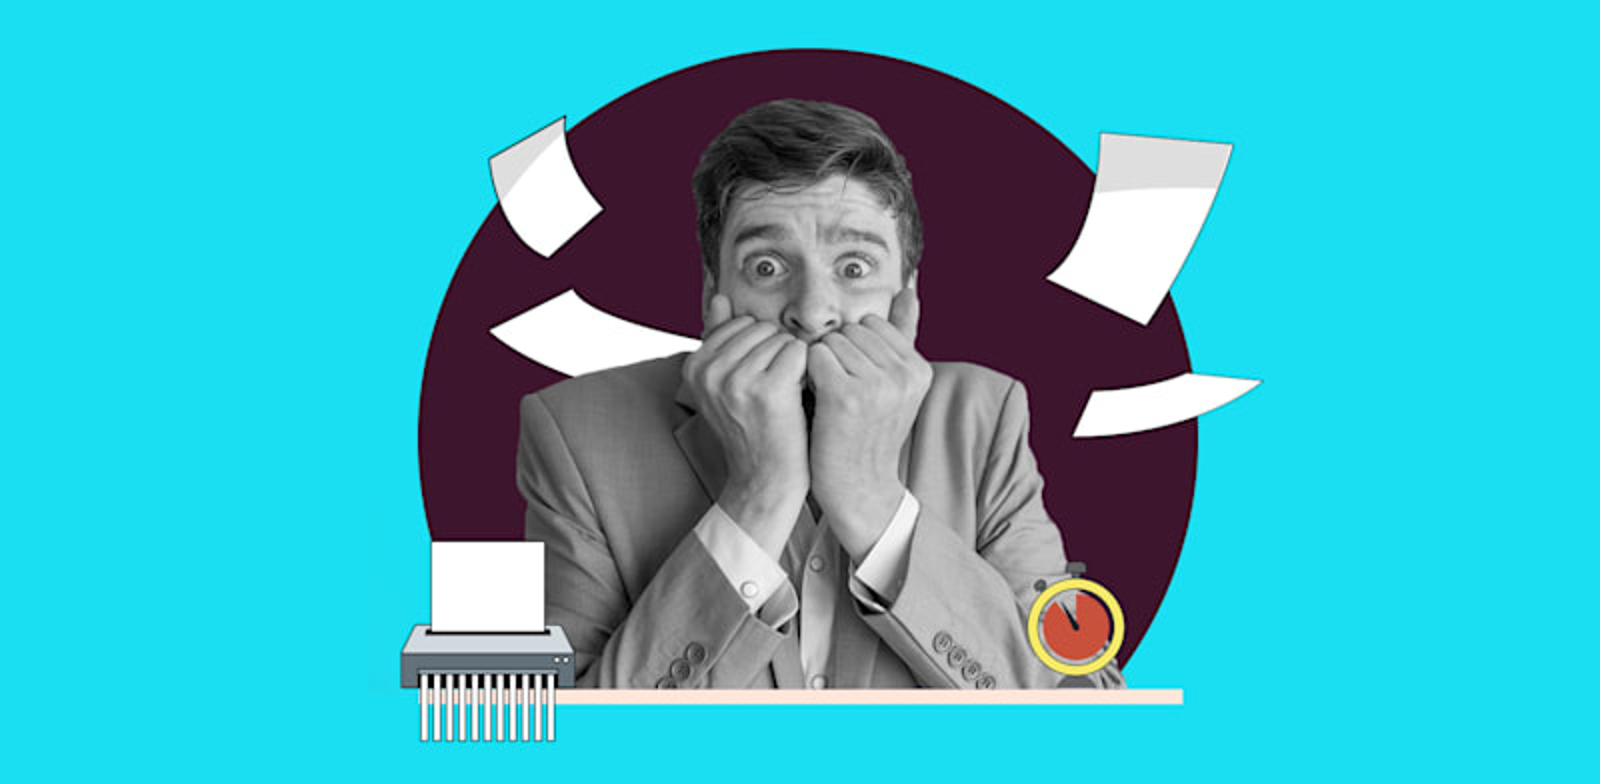 אחרי שנה בבית, עובדים חוששים לשוב למשרד / צילום: Shutterstock